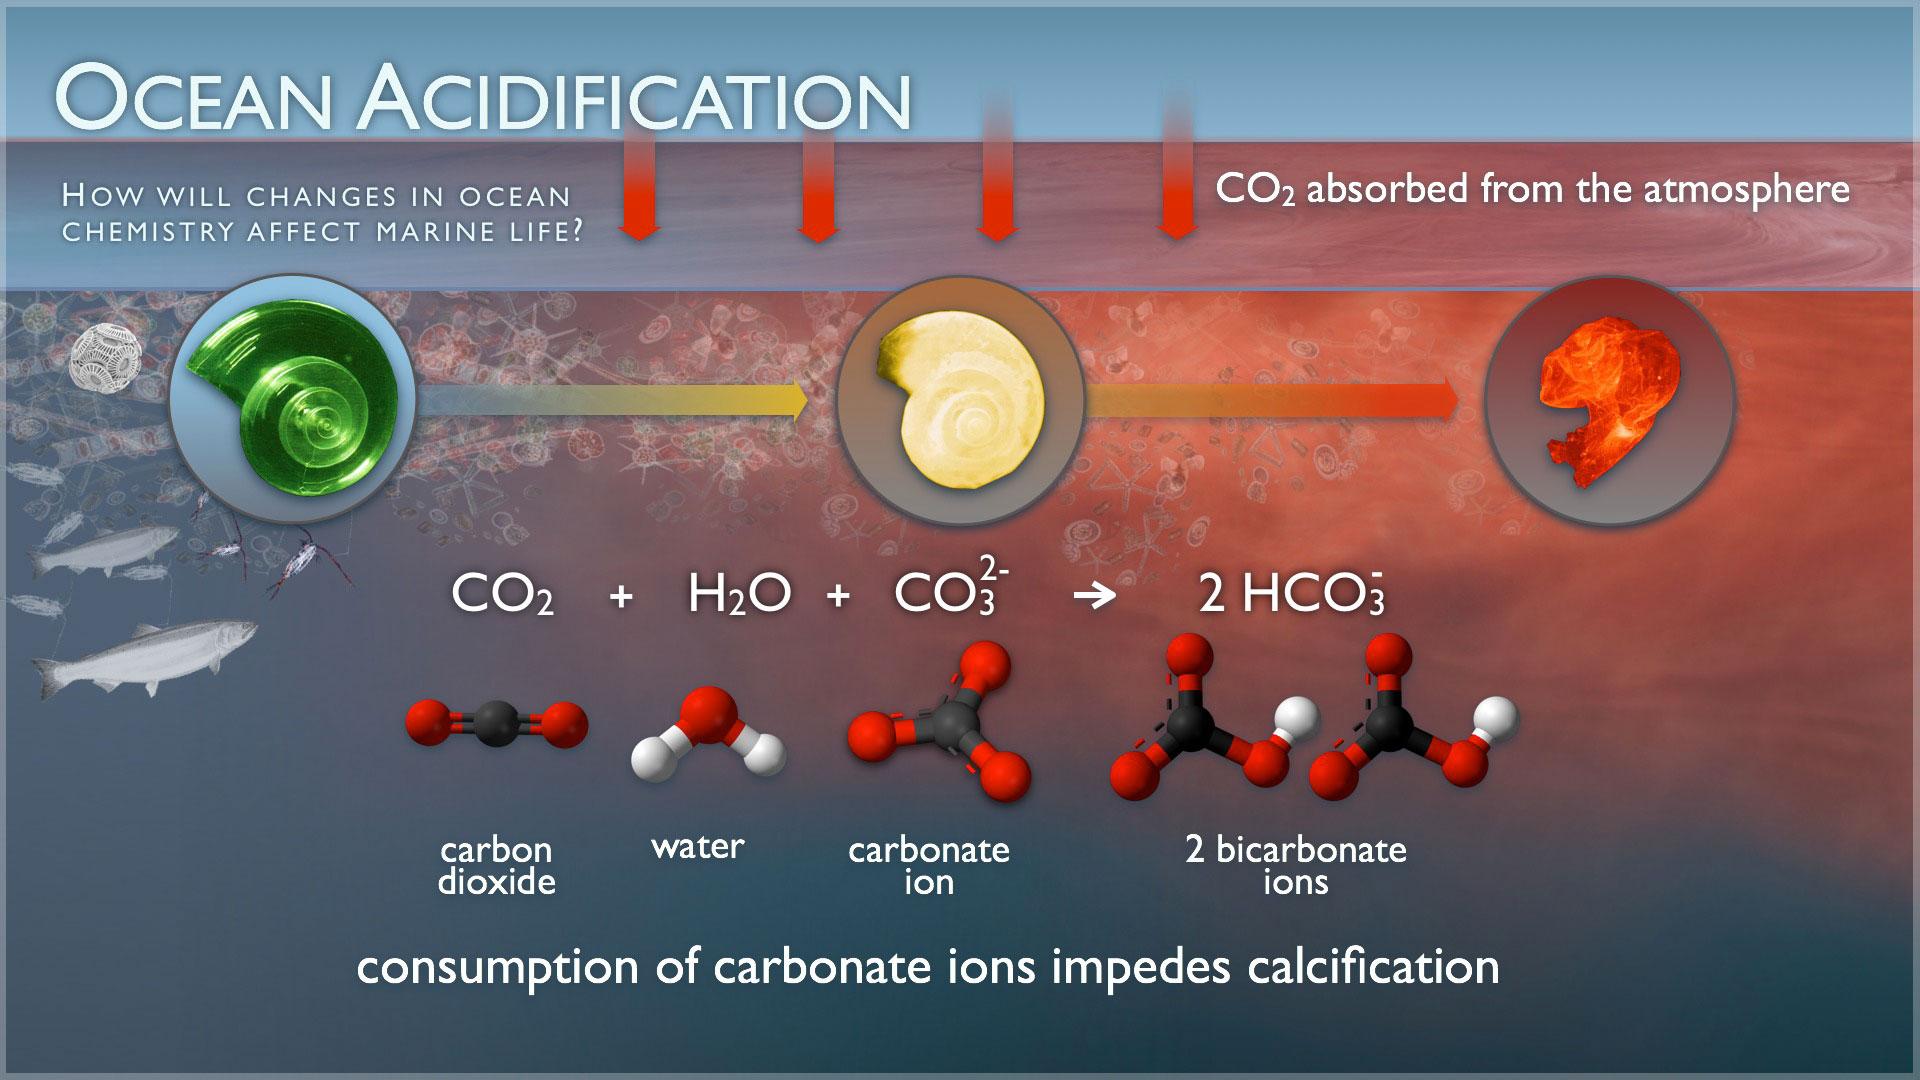 Source: NOAA - http://www.pmel.noaa.gov/co2/story/Ocean+Acidification